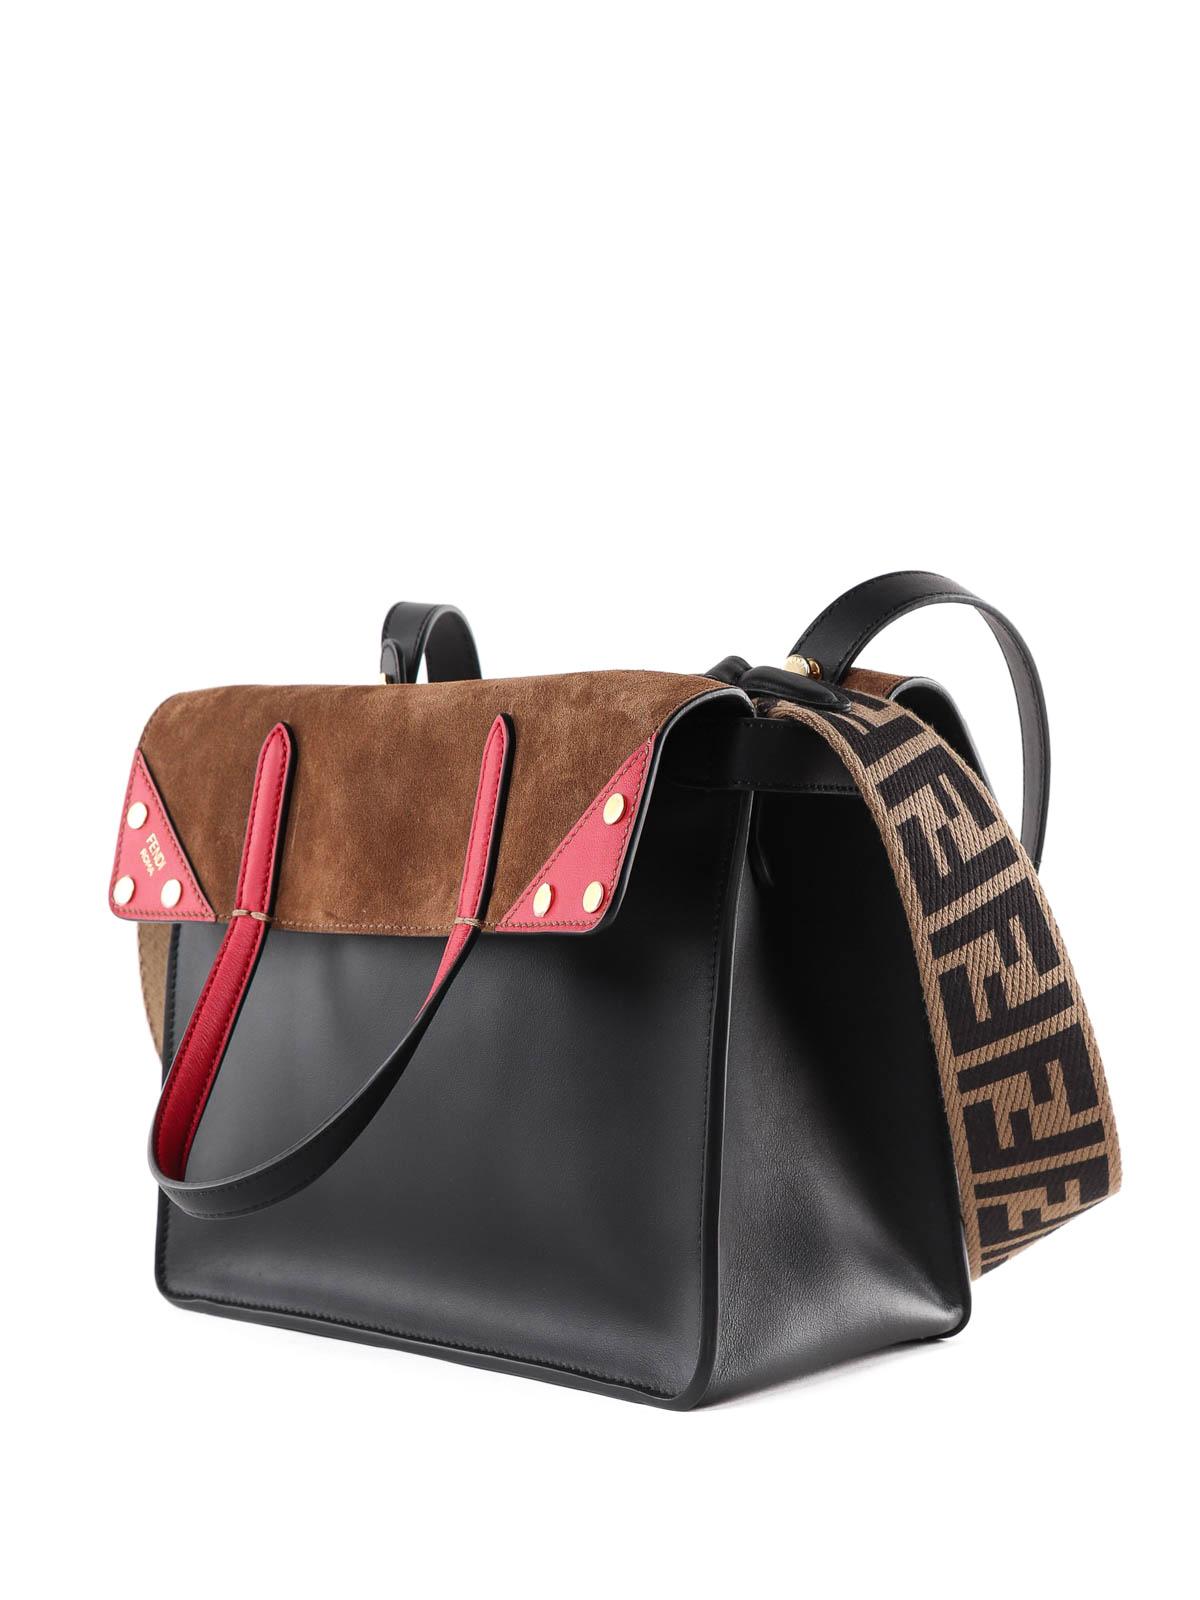 f394d3a753fc FENDI  shoulder bags online - Flip Regular leather and suede bag